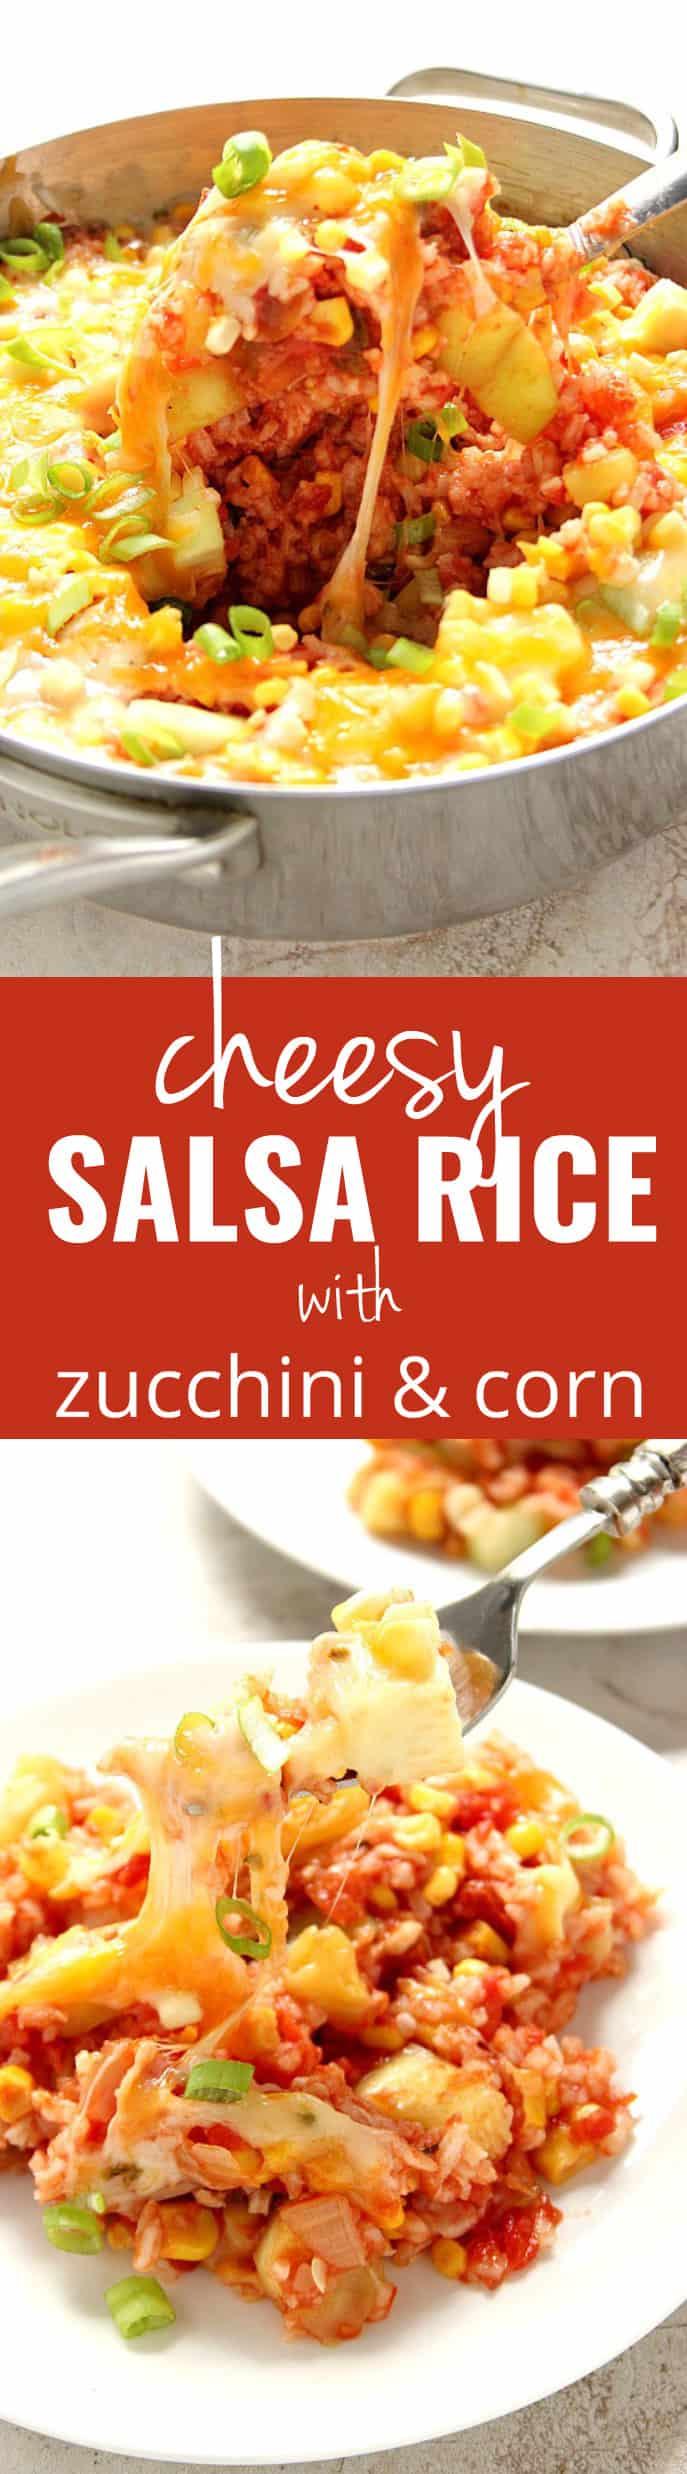 arroz com molho de queijo longo 1 Arroz com molho de queijo com abobrinha e receita de milho